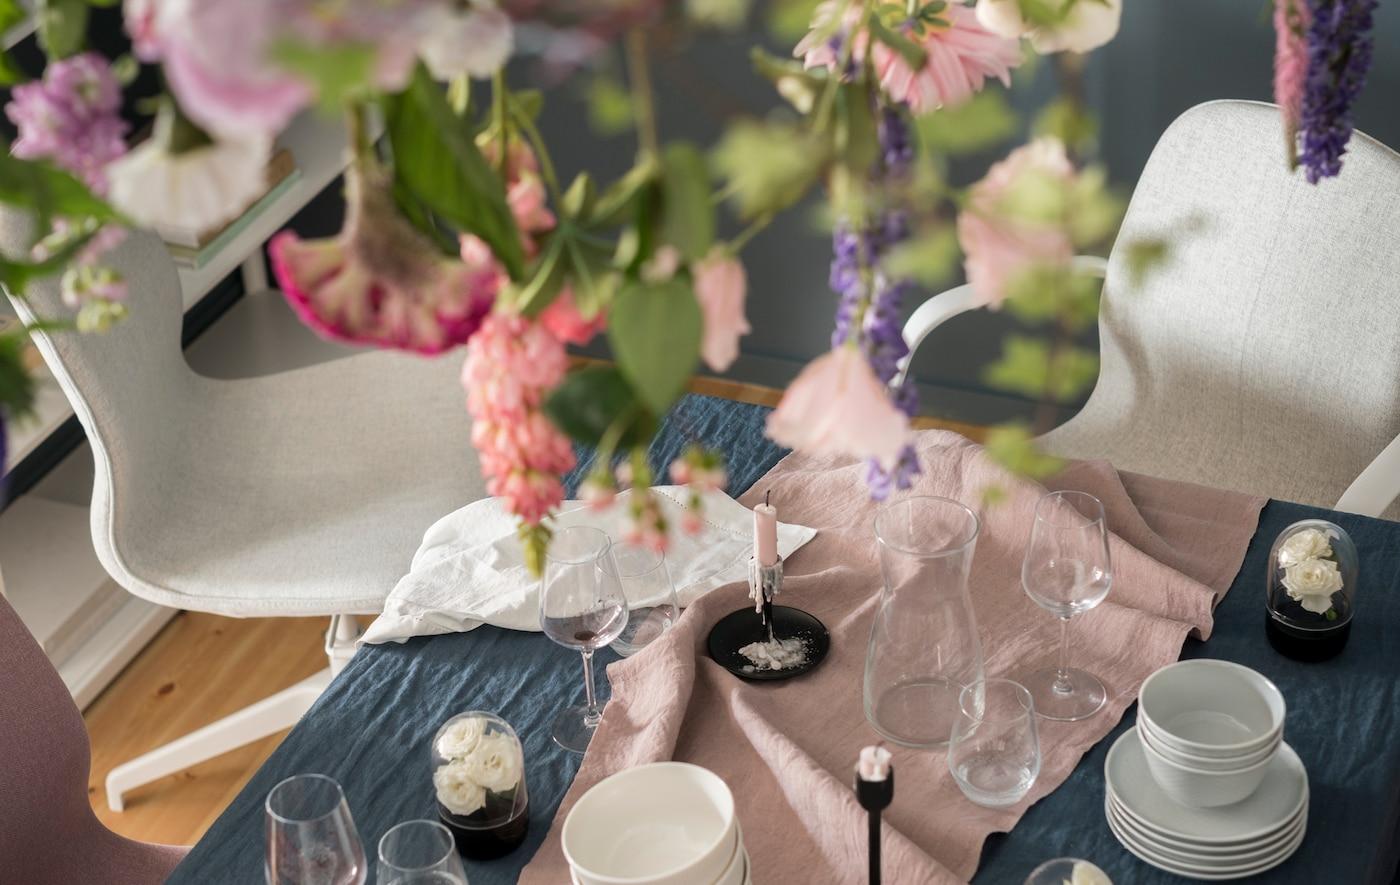 Drehstühle werden häufig nur im Büro genutzt. Aber auch im Esszimmer machen sie sich ausgezeichnet, wenn es um Sitzgelegenheiten für Gäste geht. IKEA LÅNGFJÄLL ist sowohl bequem, als auch hübsch genug für einen schönen Anlass.